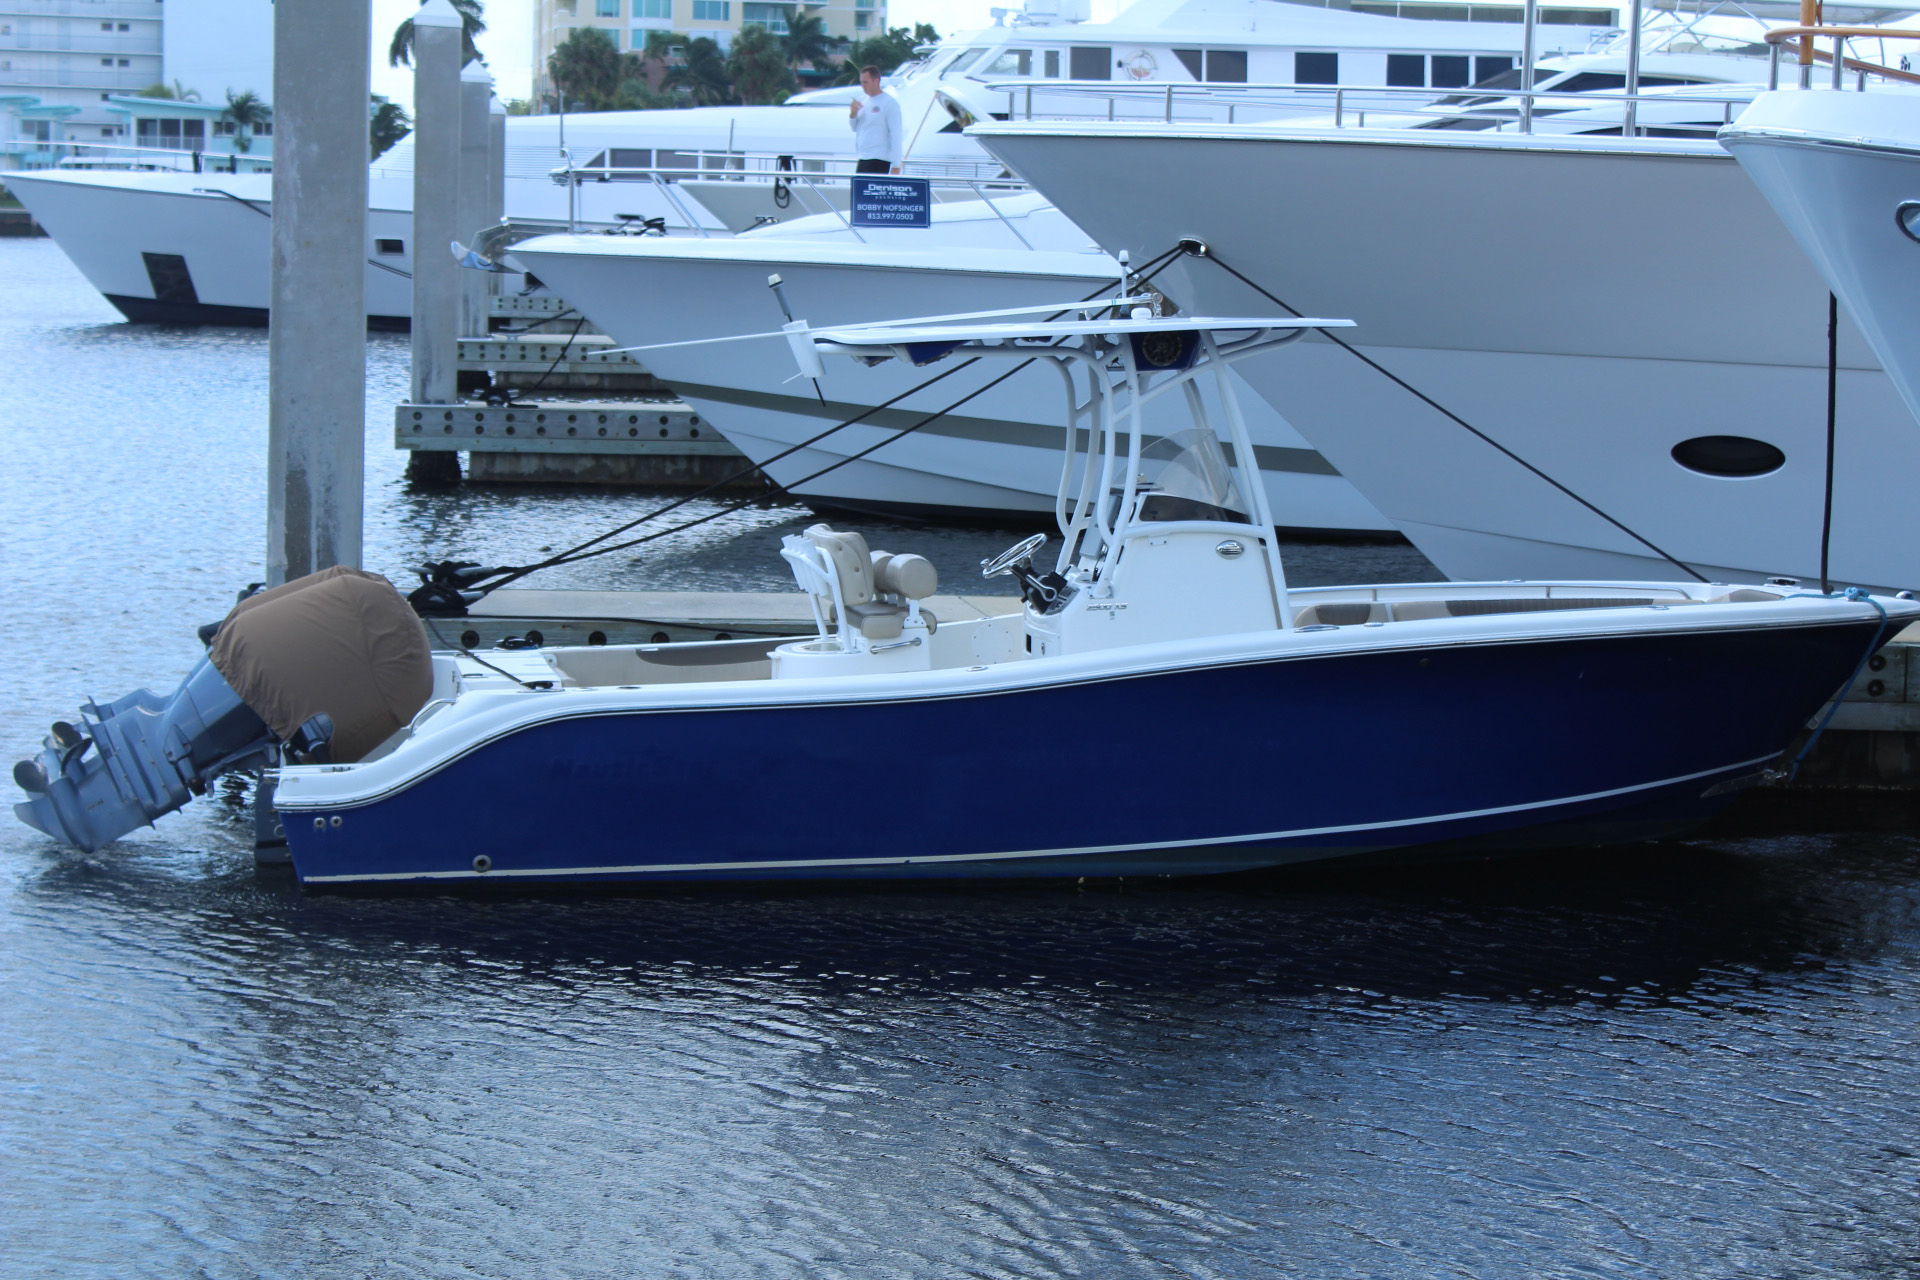 NauticStar 2500 XS